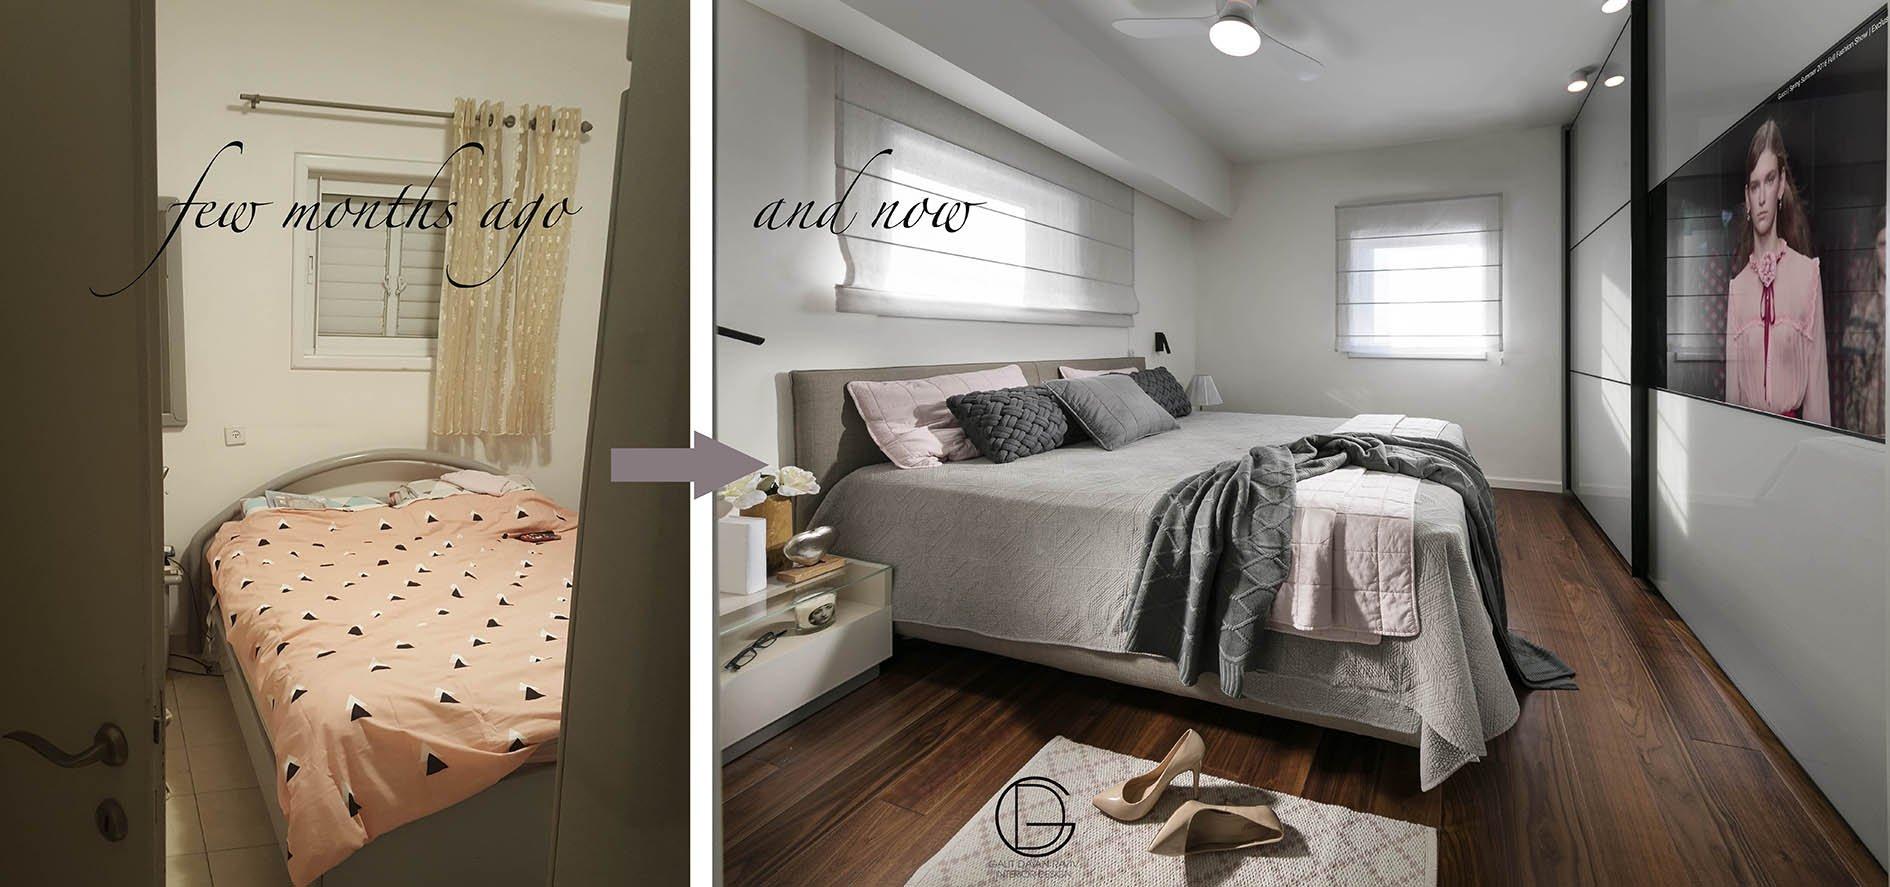 חדר שינה לפני ואחרי